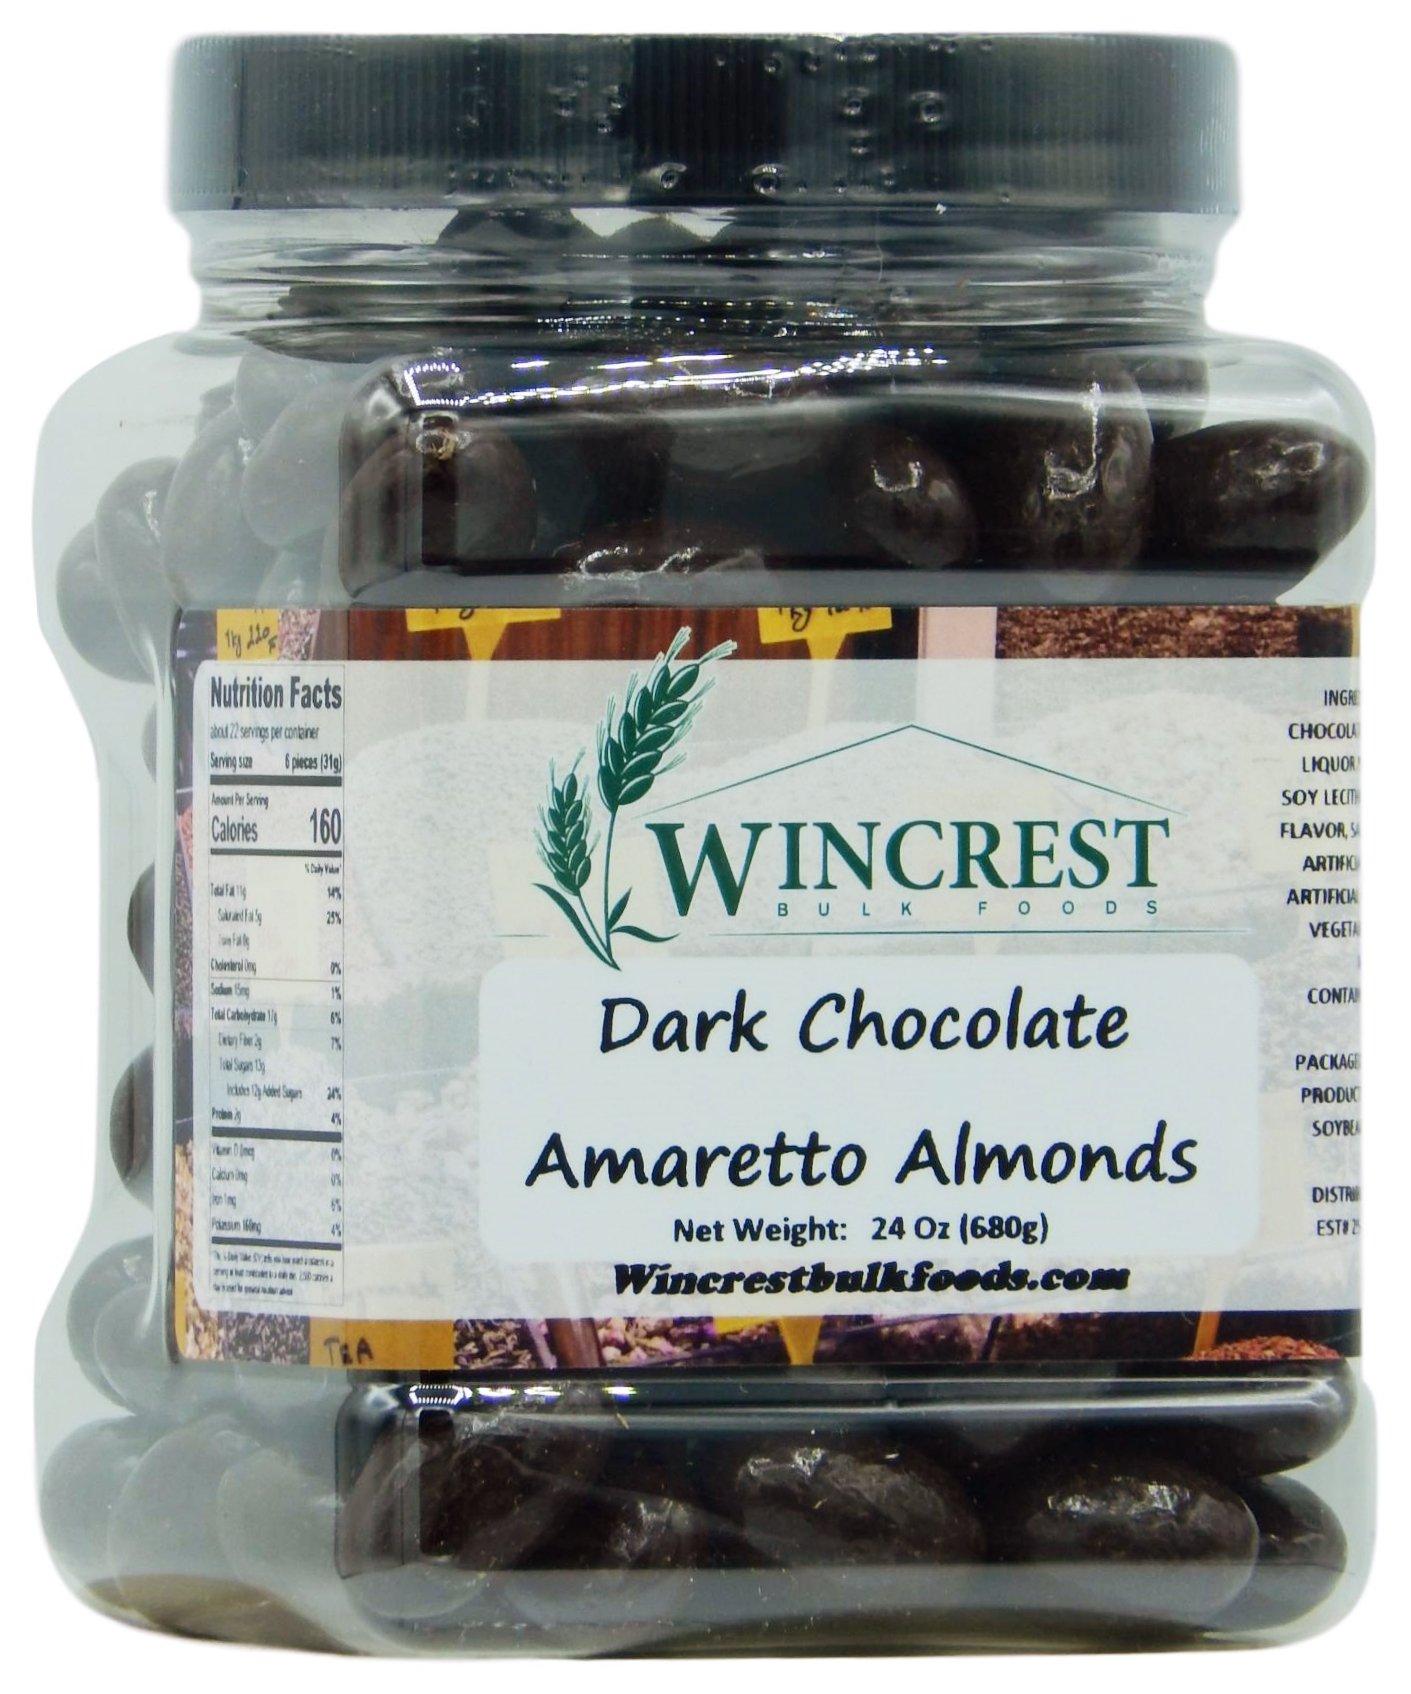 Dark Chocolate Amaretto Almonds - 1.5 Lb Tub